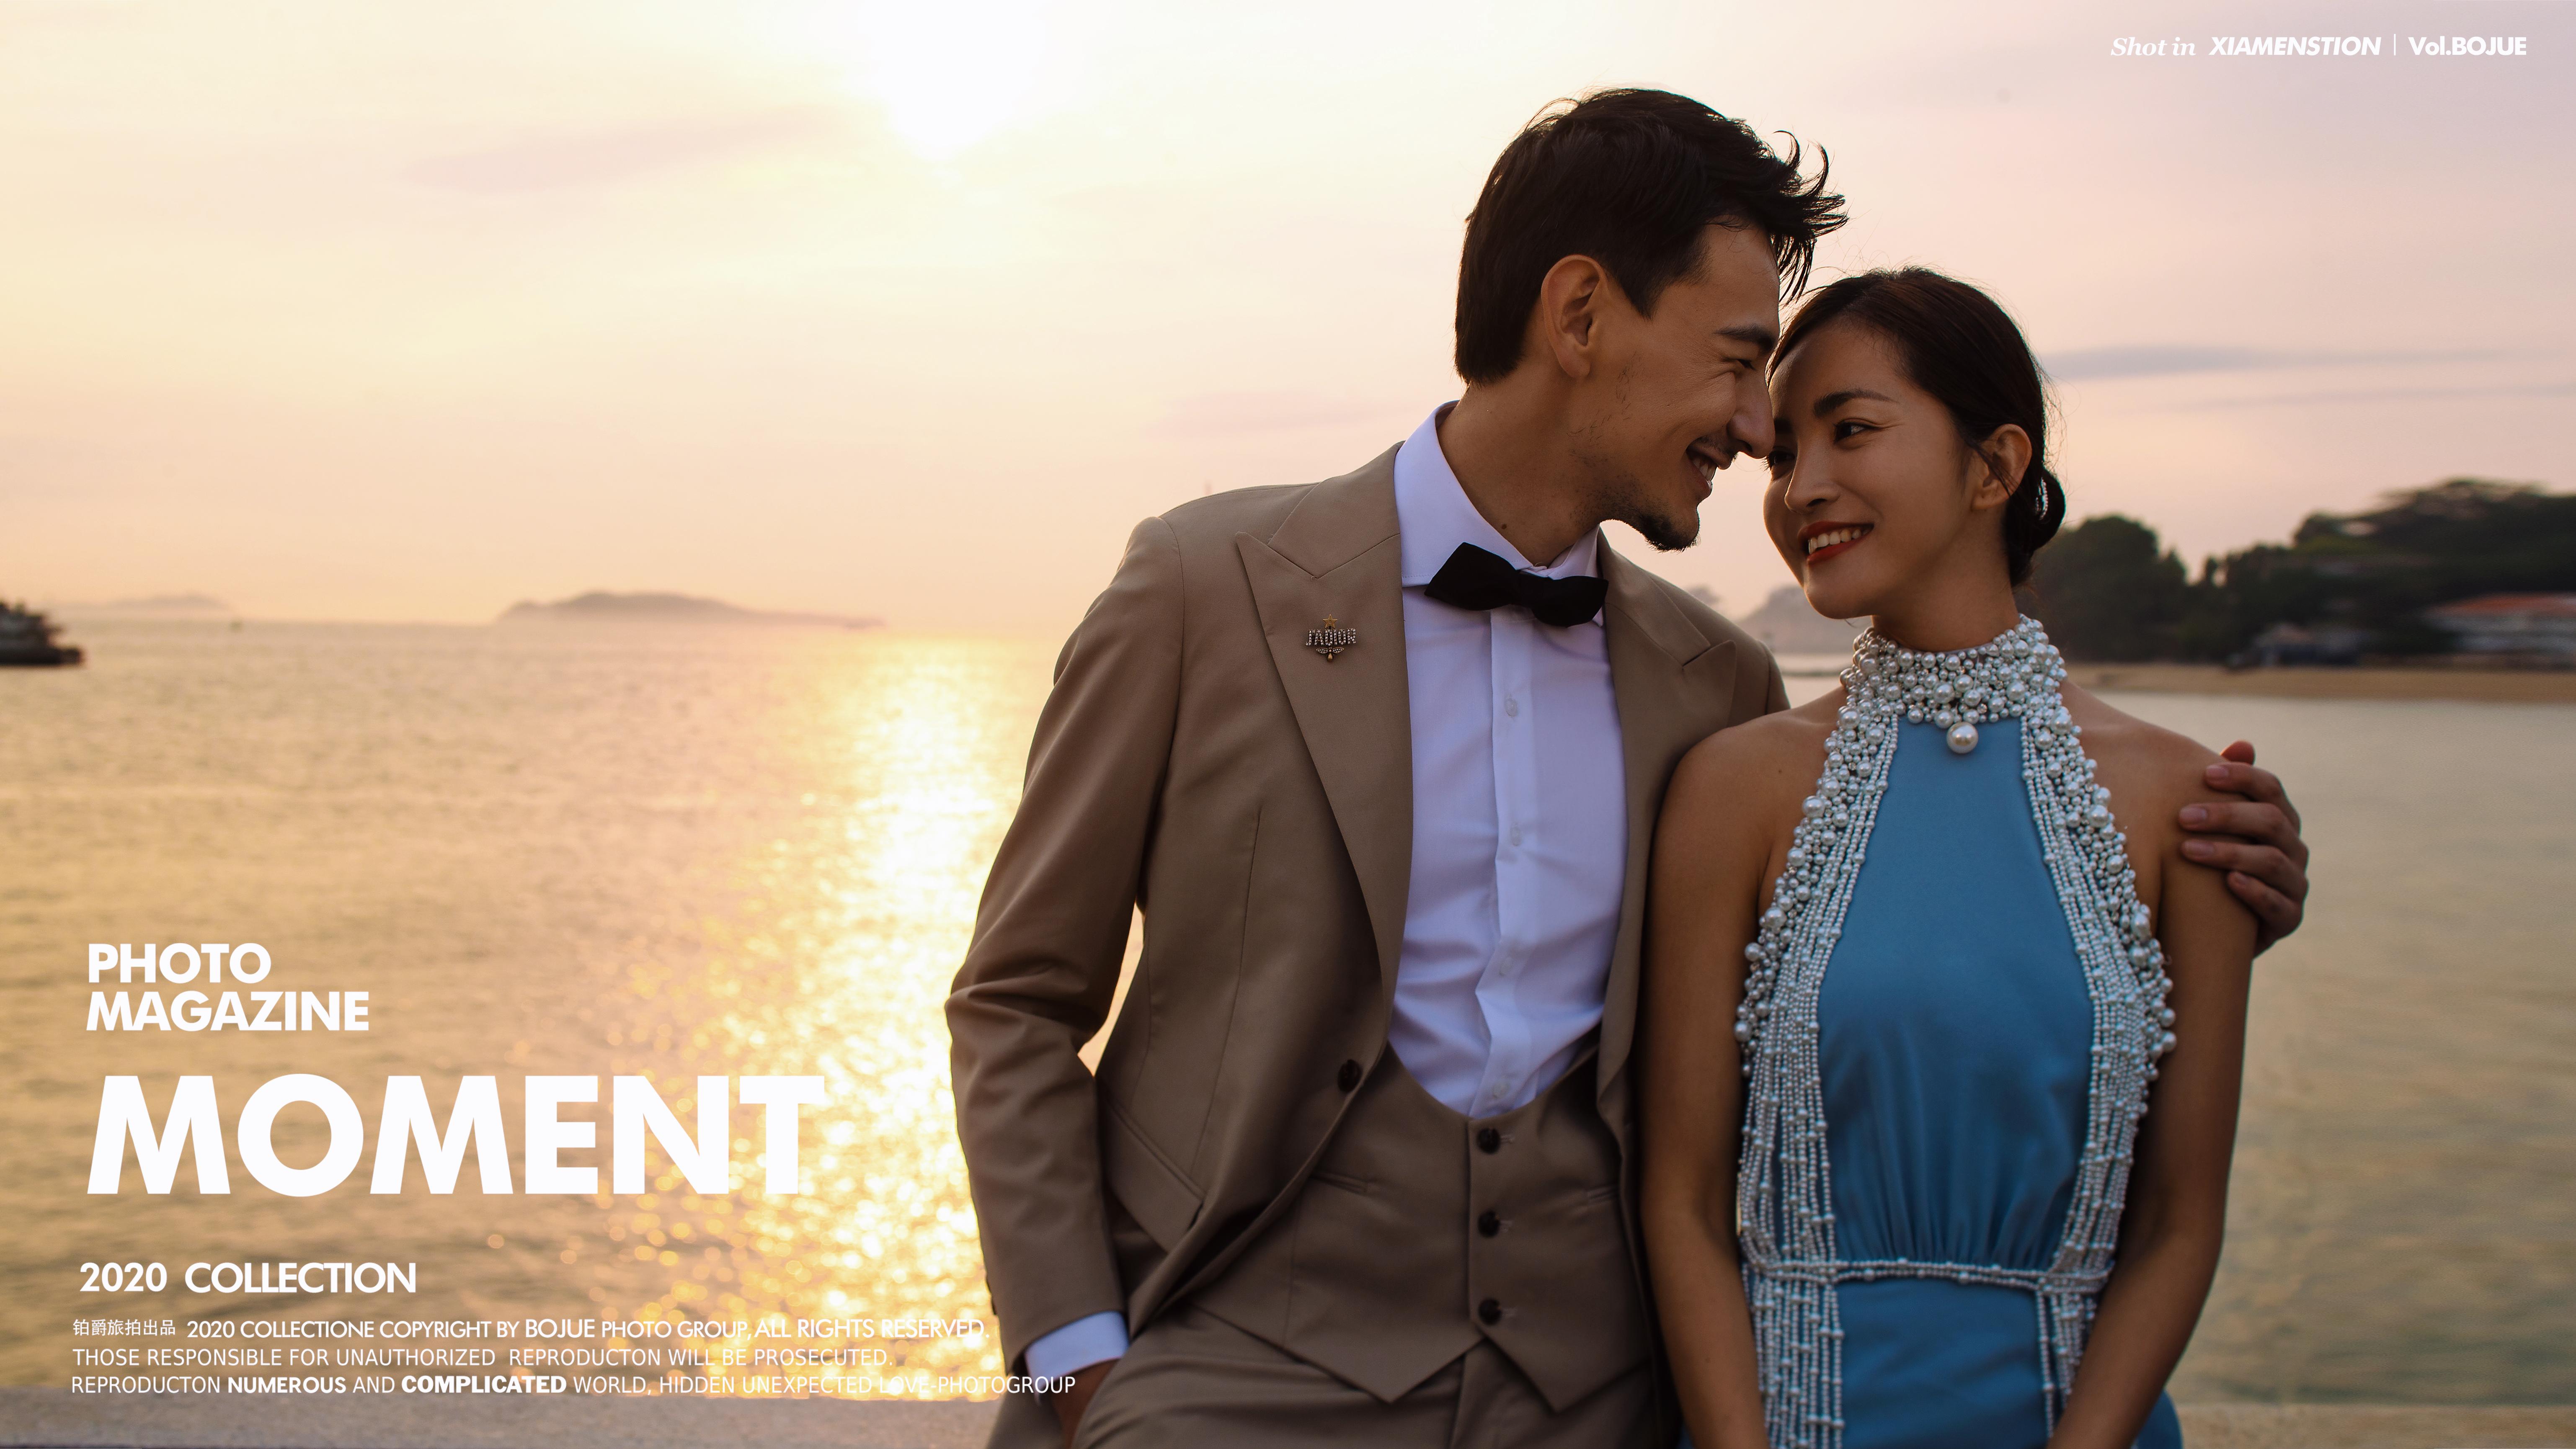 夫妻反串婚纱照拍摄攻略有哪些?拍婚纱照怎么选择服装?